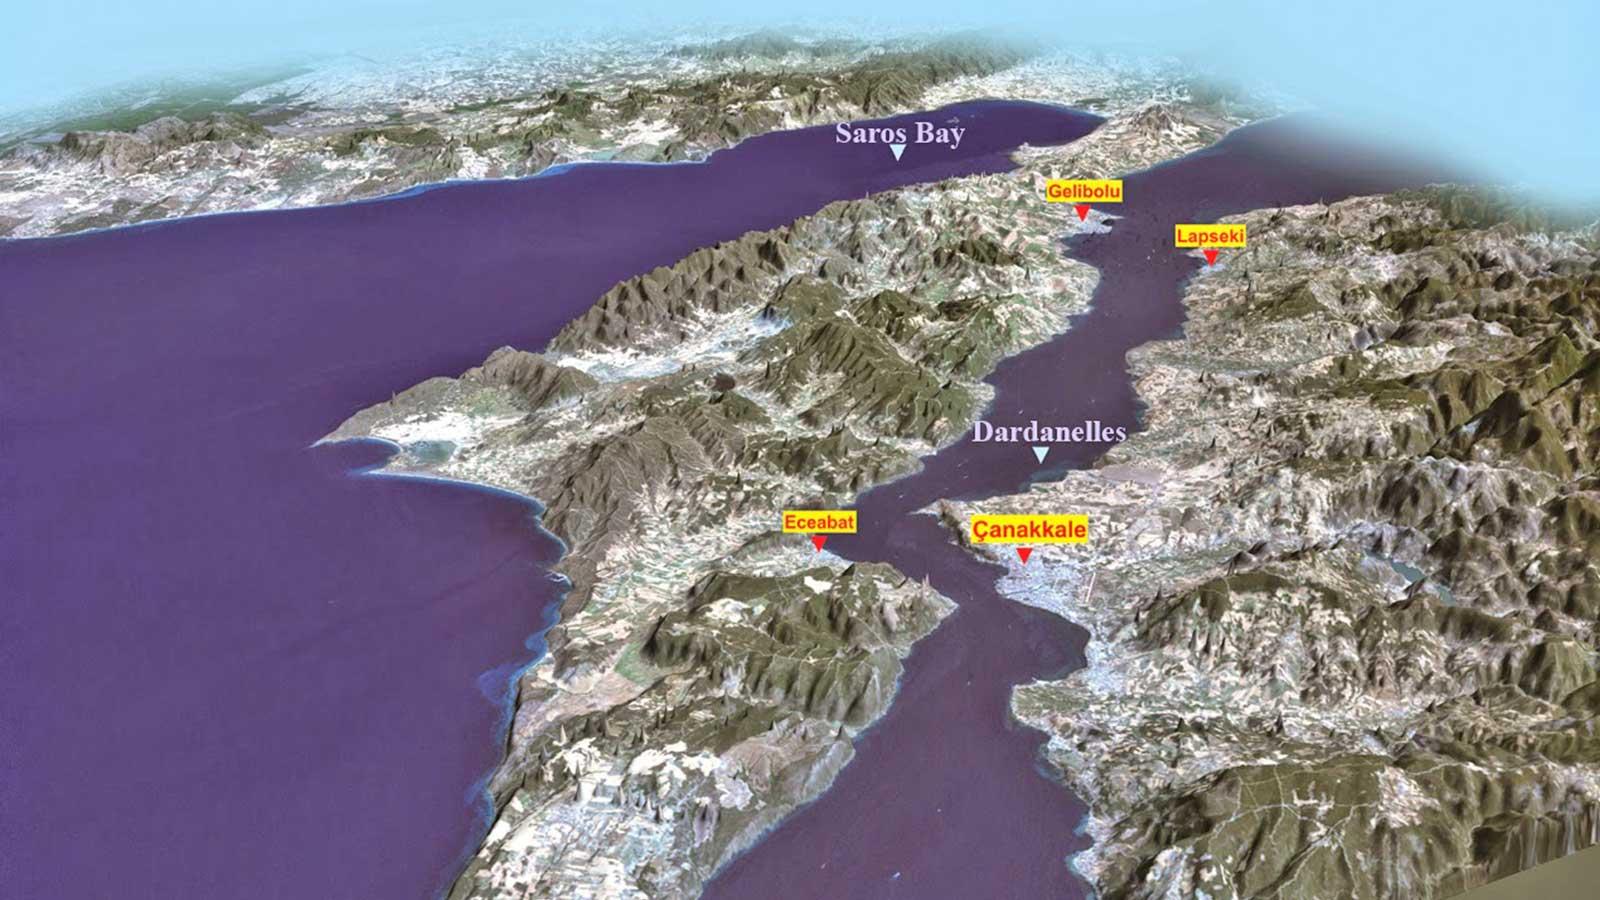 Canakkale Dardanelles Strait Map